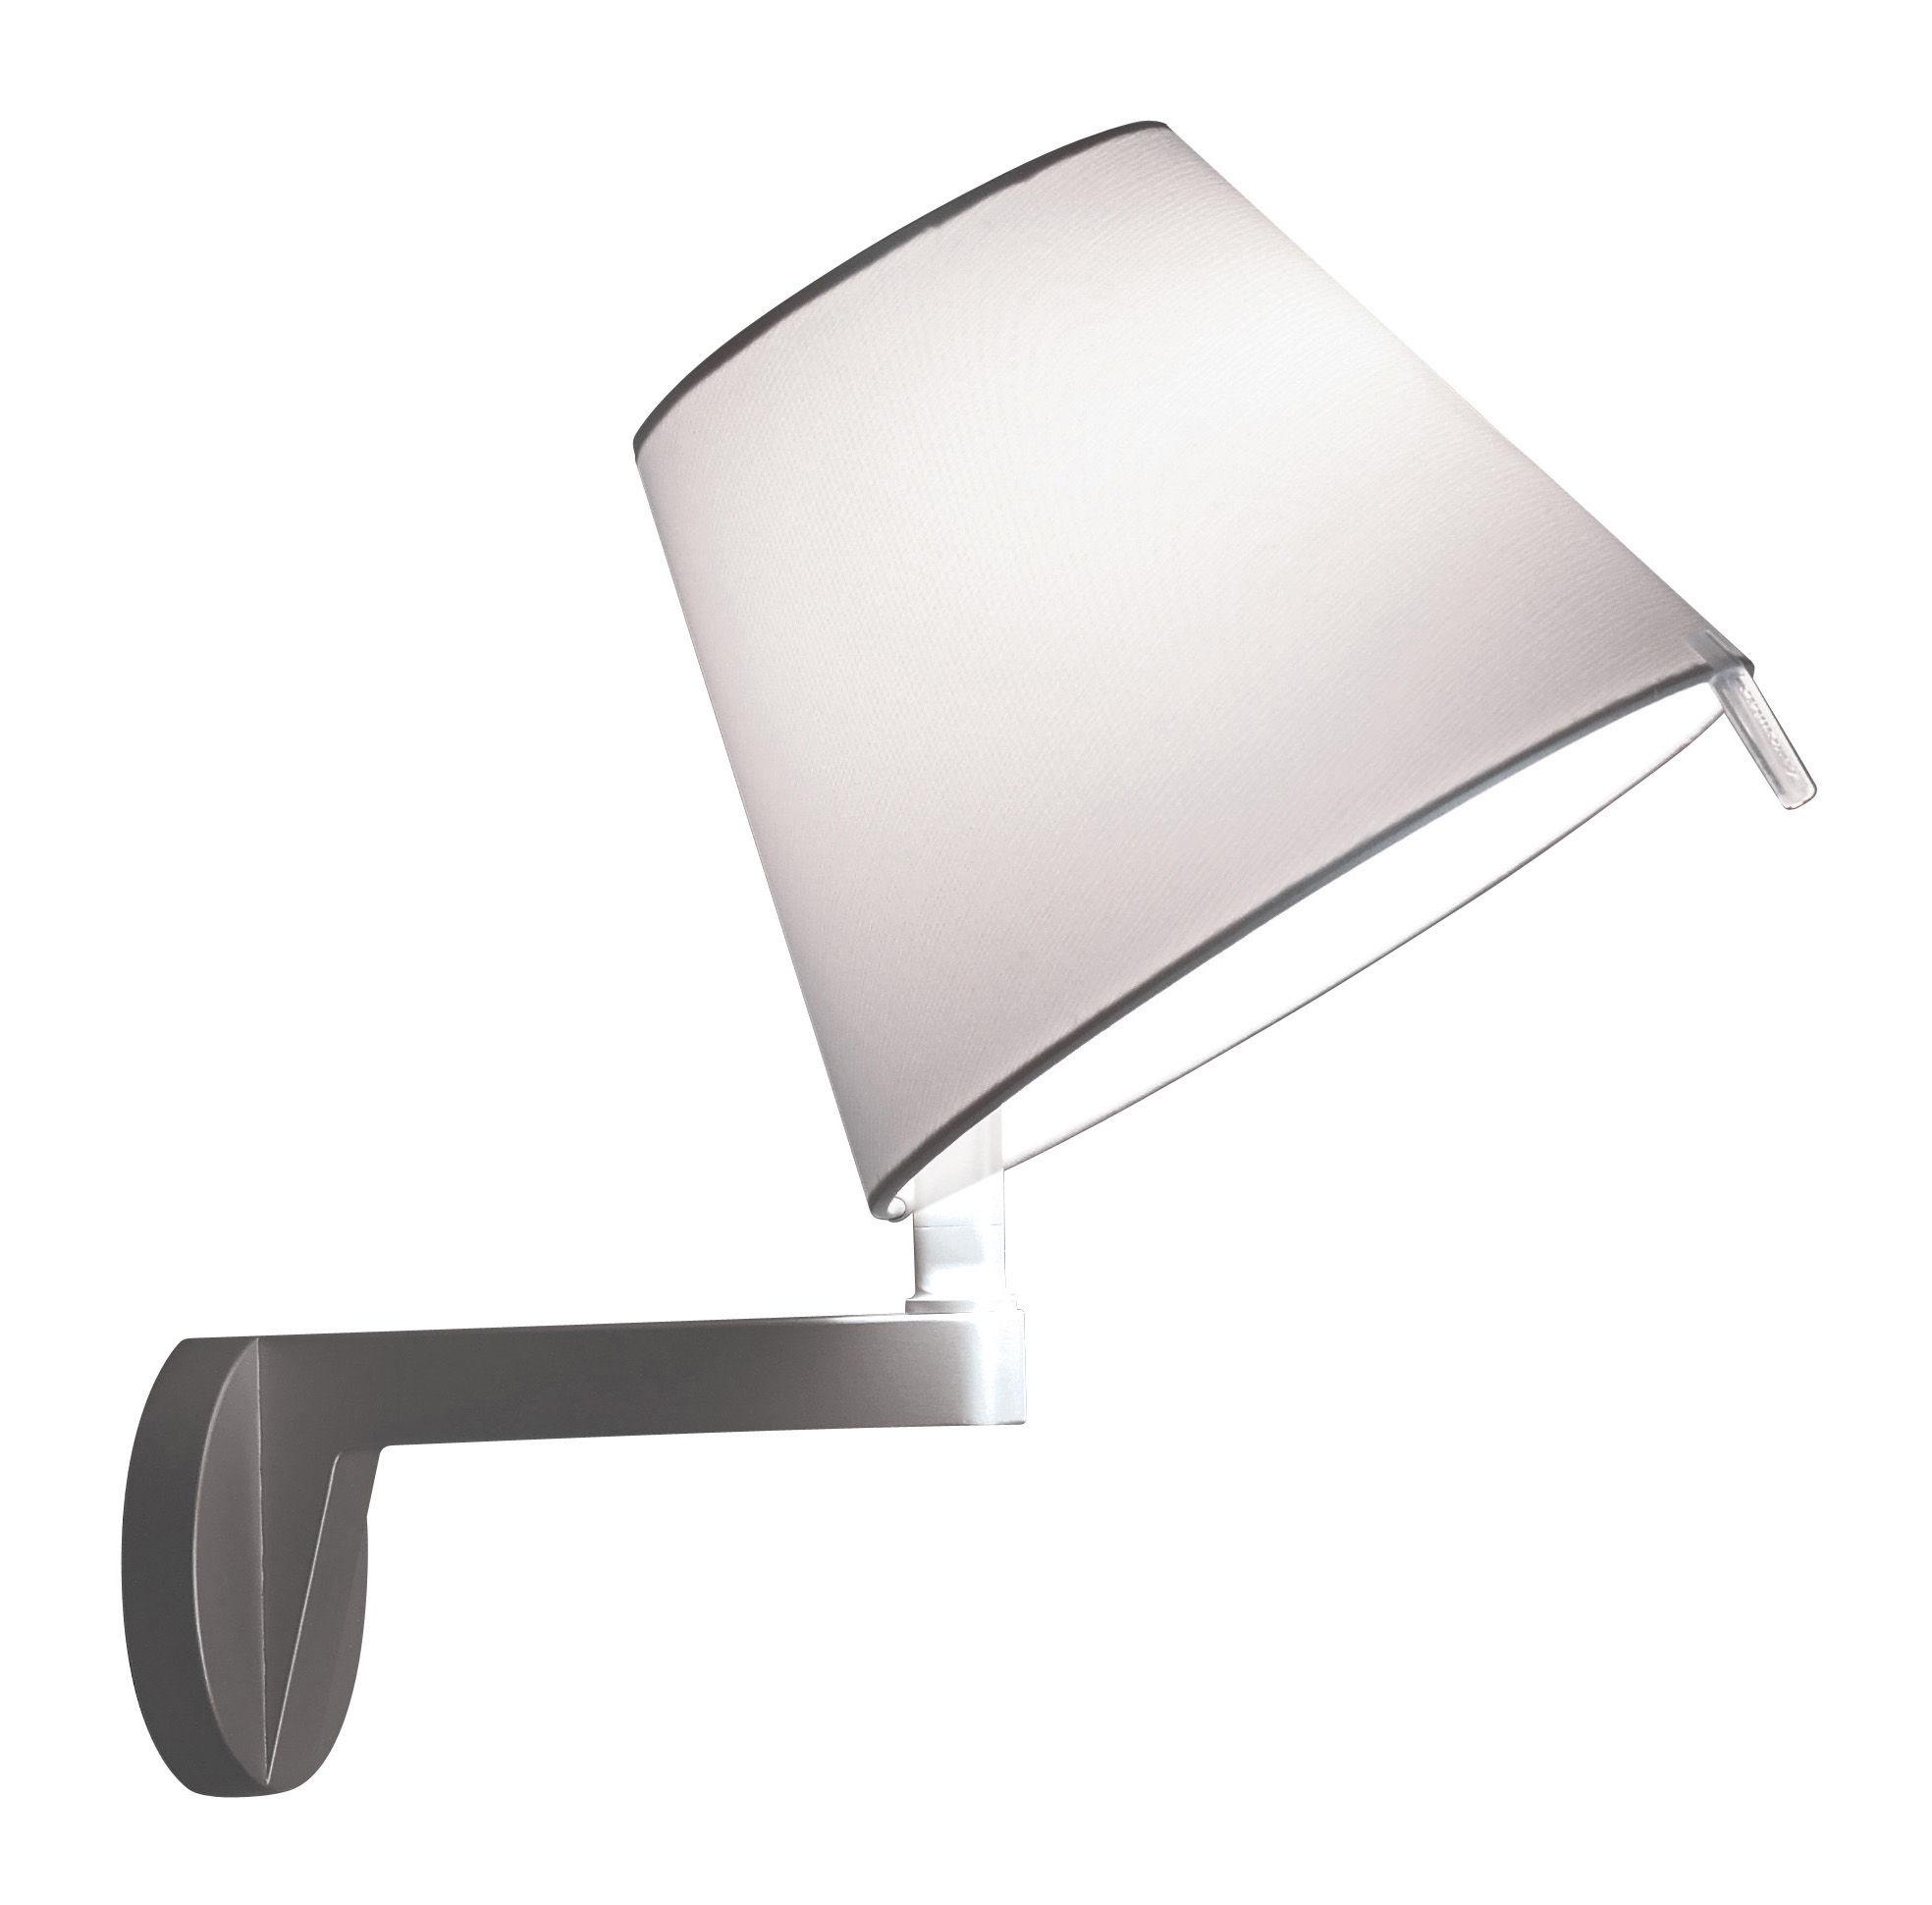 Luminaire - Appliques - Applique Melampo - Artemide - Gris aluminium - Aluminium, Tissu